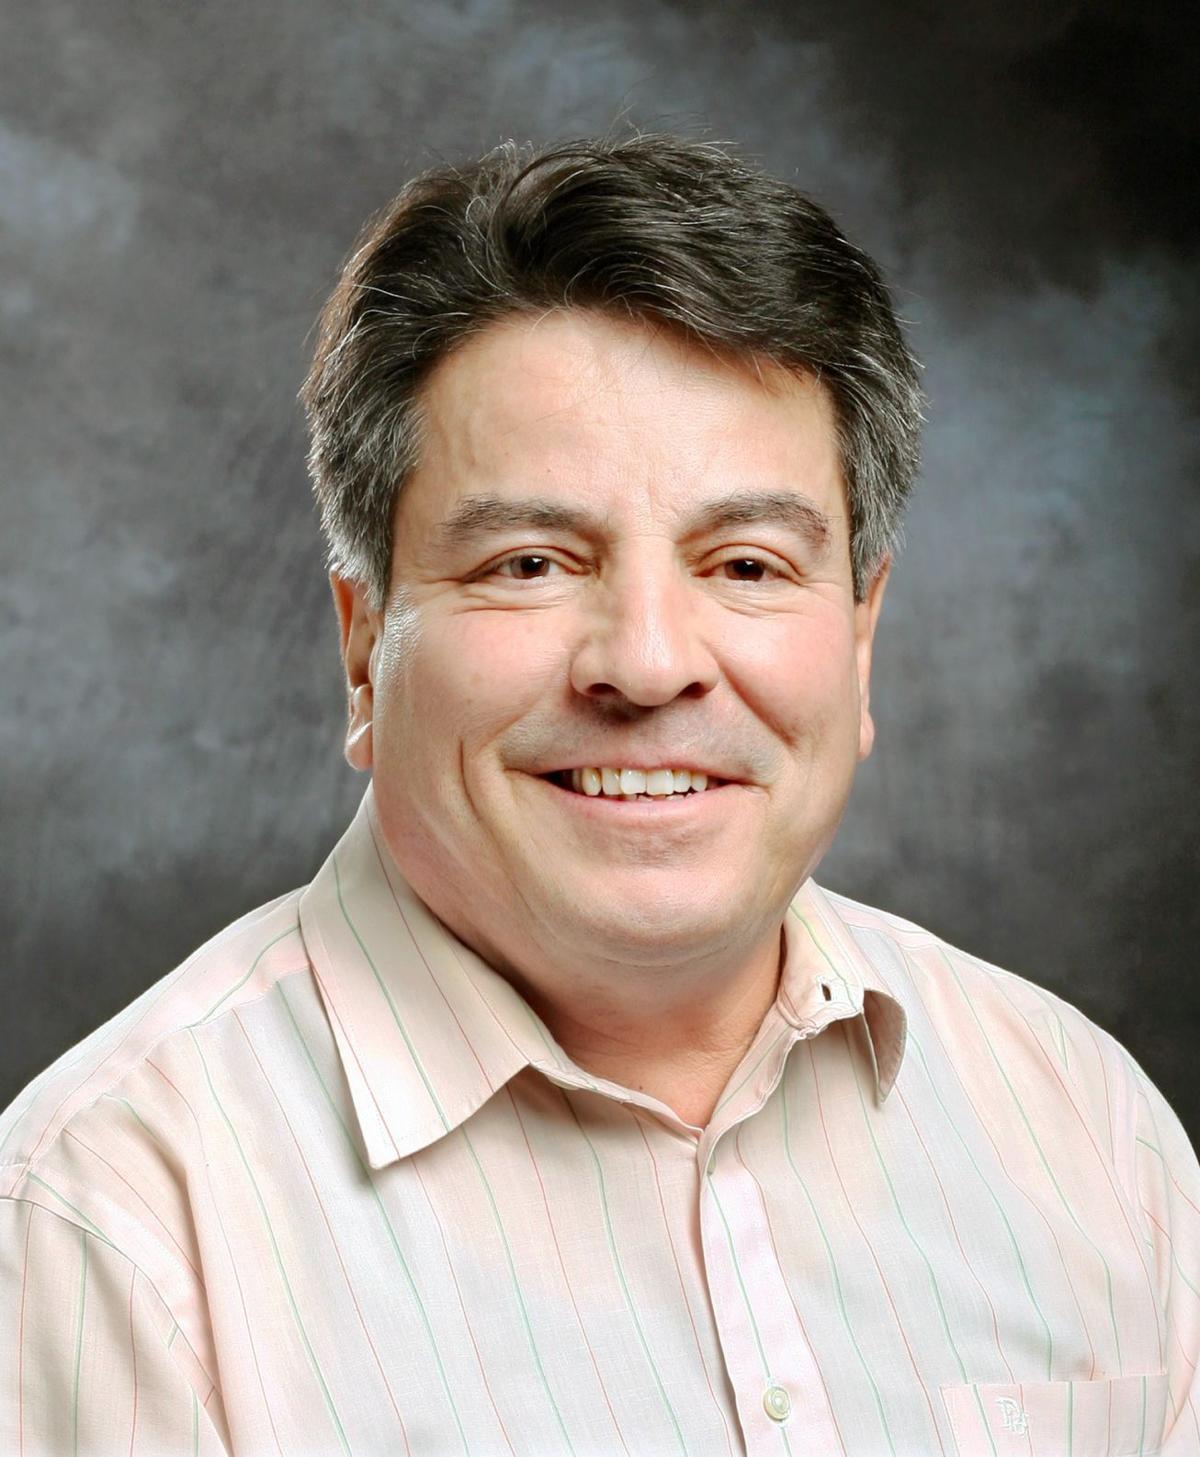 Rodney Garcia